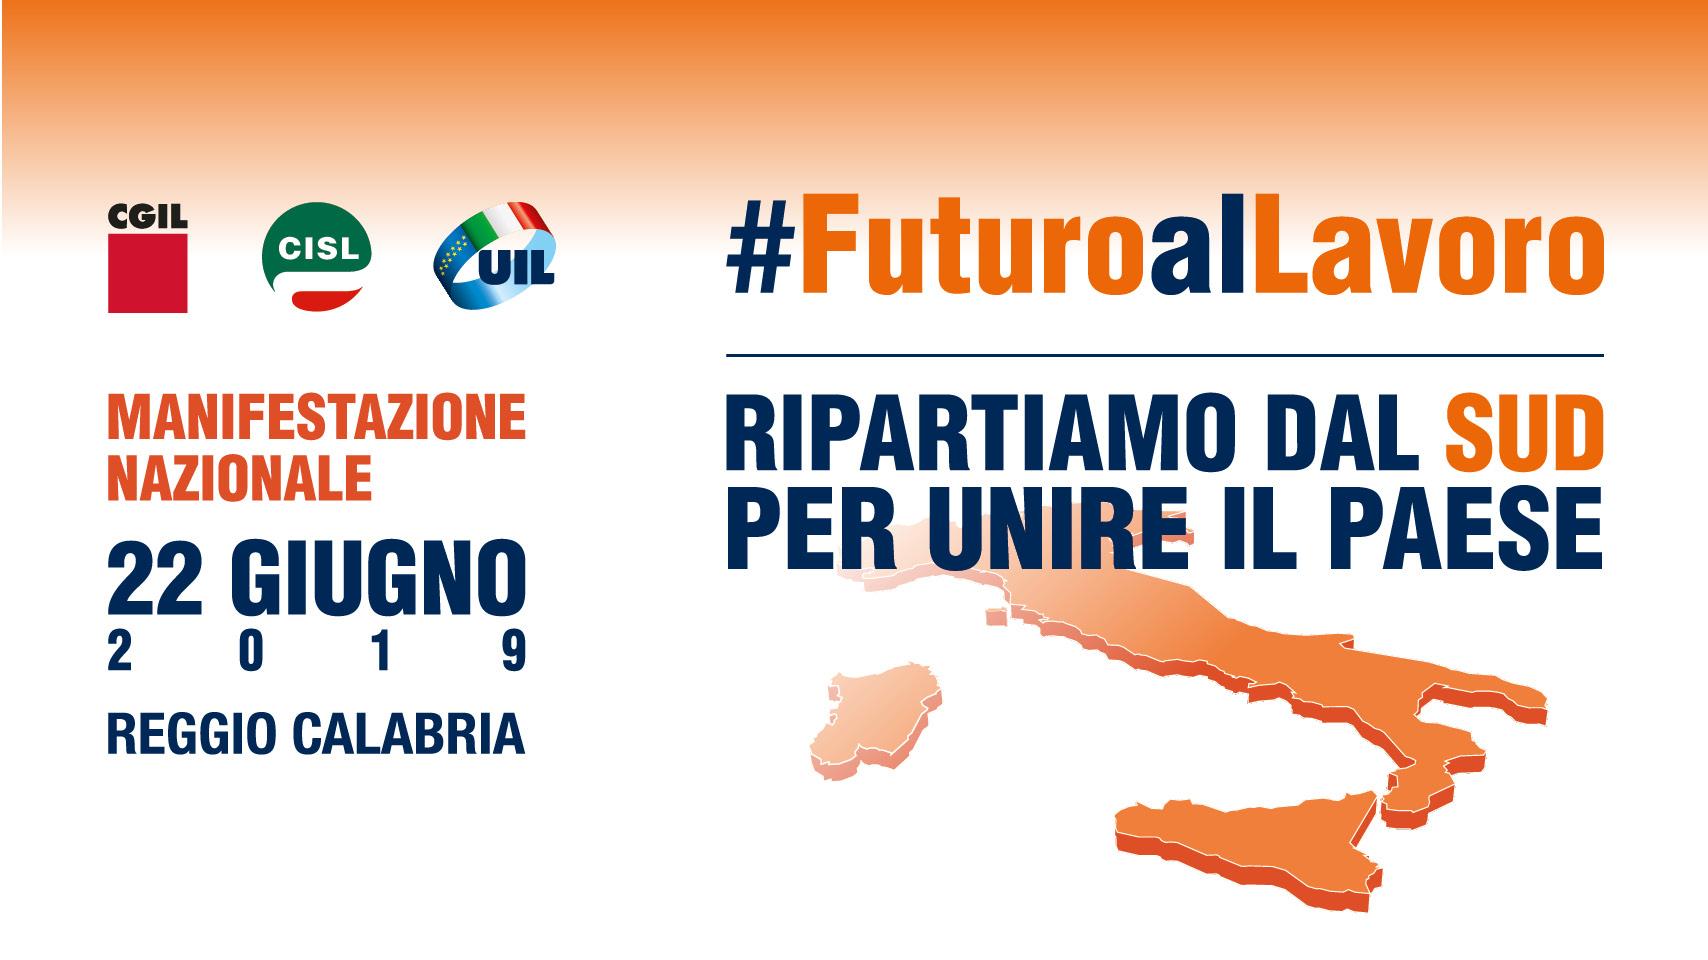 Cgil, Cisl e Uil, prosegue la mobilitazione. Il 22 giugno a Reggio Calabria manifestazione nazionale